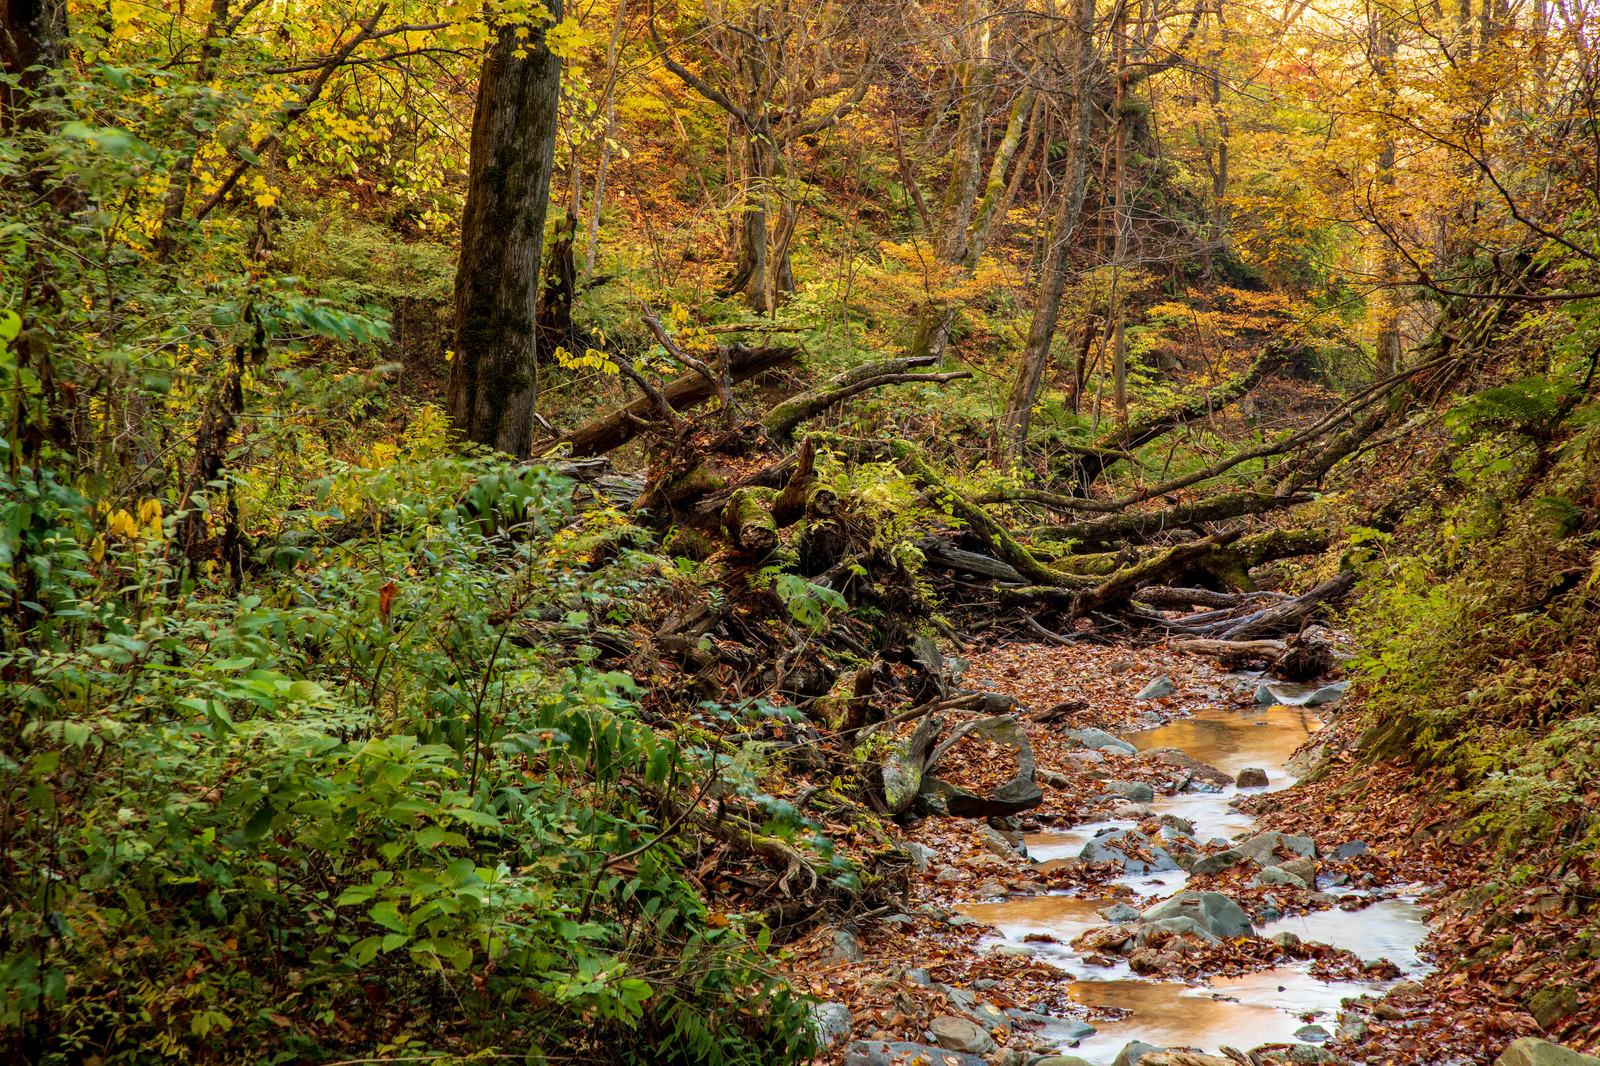 「紅葉した木々と朽ちた木を縫うように流れる渓流」の写真